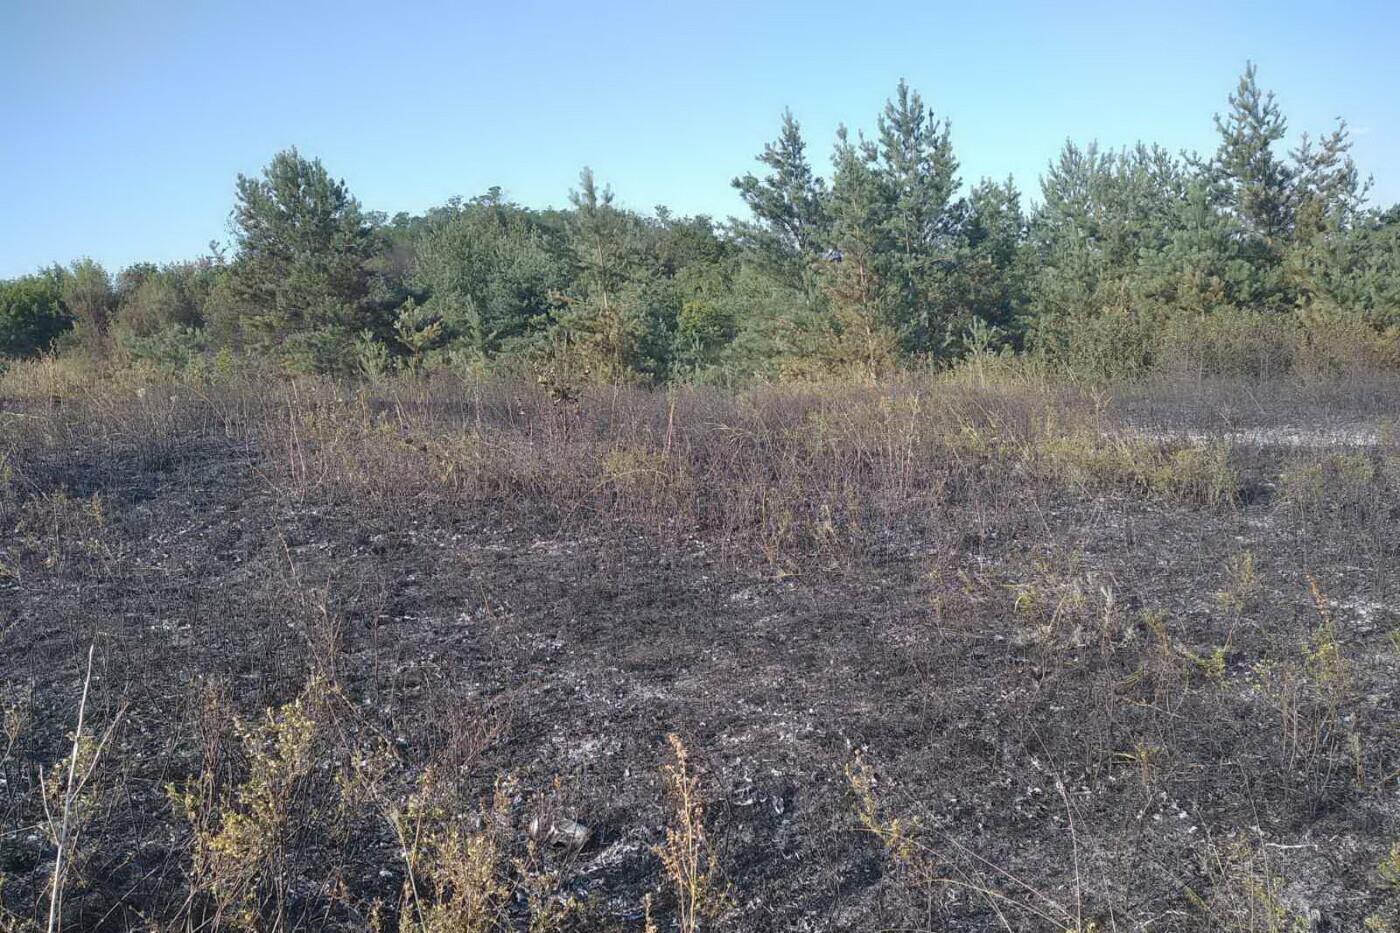 На Харьковщине бойцы ГСЧС спасли ячменное поле и хвойный лес от масштабного пожара, - ФОТО, фото-4